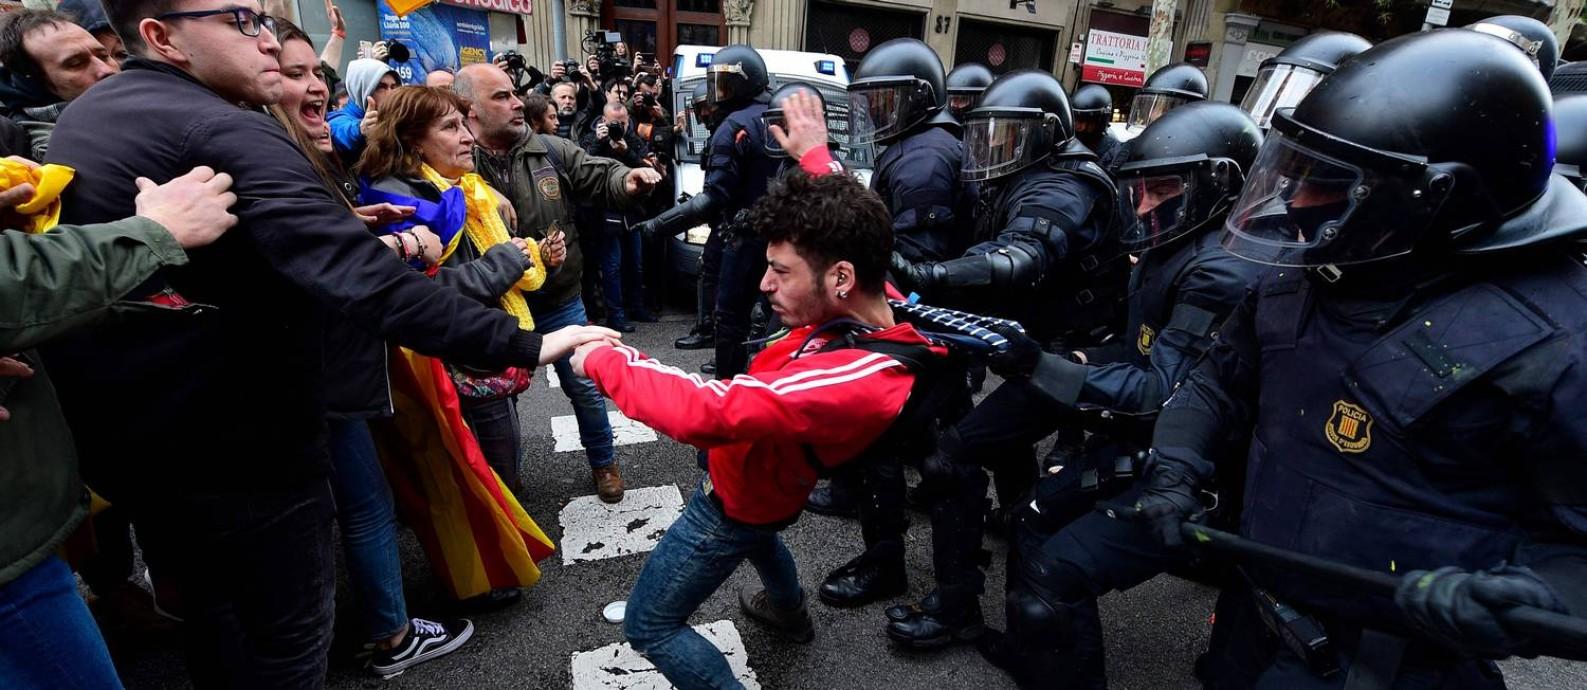 Manifestante é puxado por policiais em Barcelona Foto: LLUIS GENE / AFP